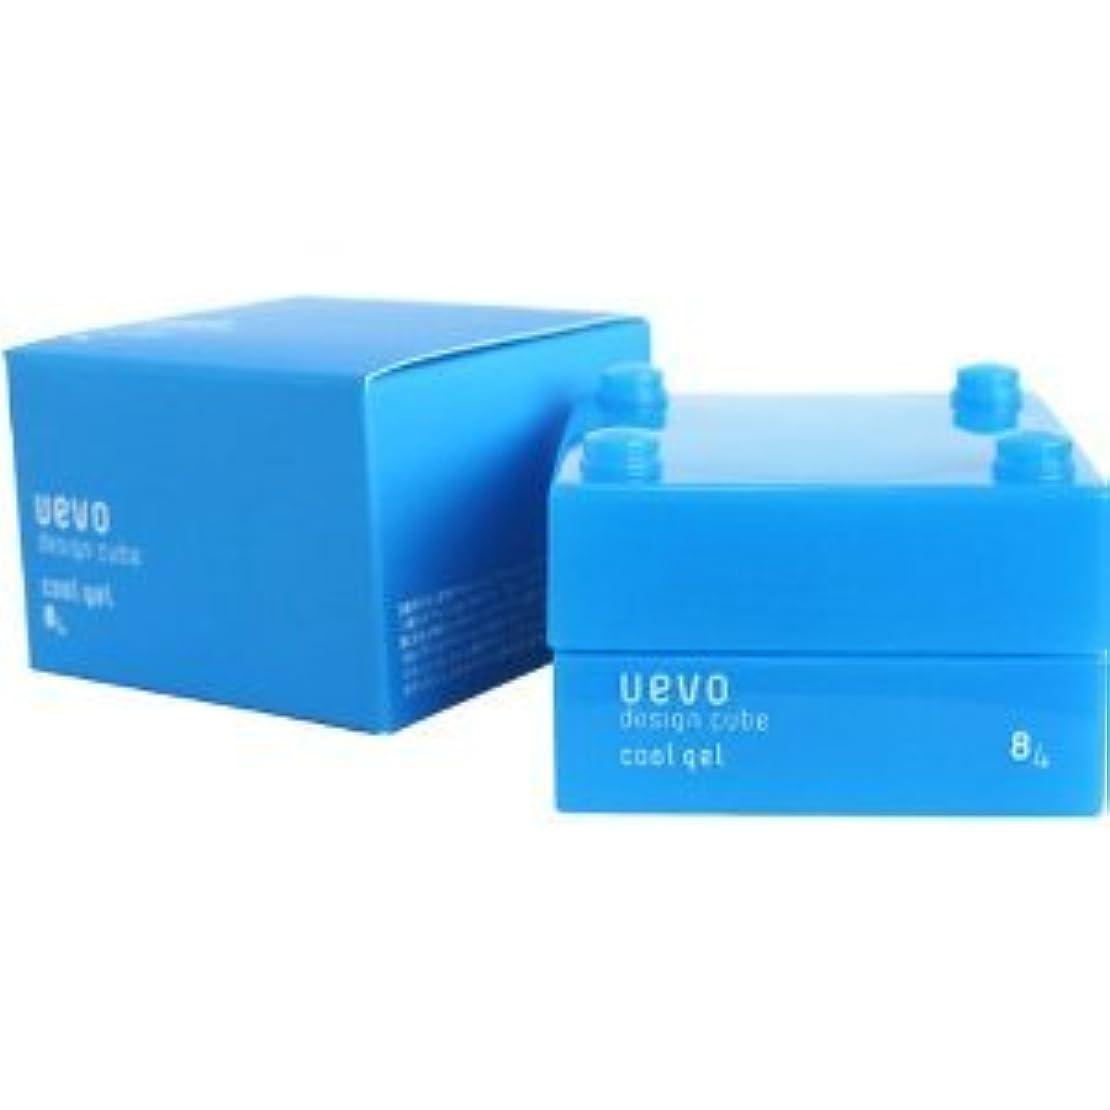 ブル妥協検索エンジンマーケティング【X3個セット】 デミ ウェーボ デザインキューブ クールジェル 30g cool gel DEMI uevo design cube